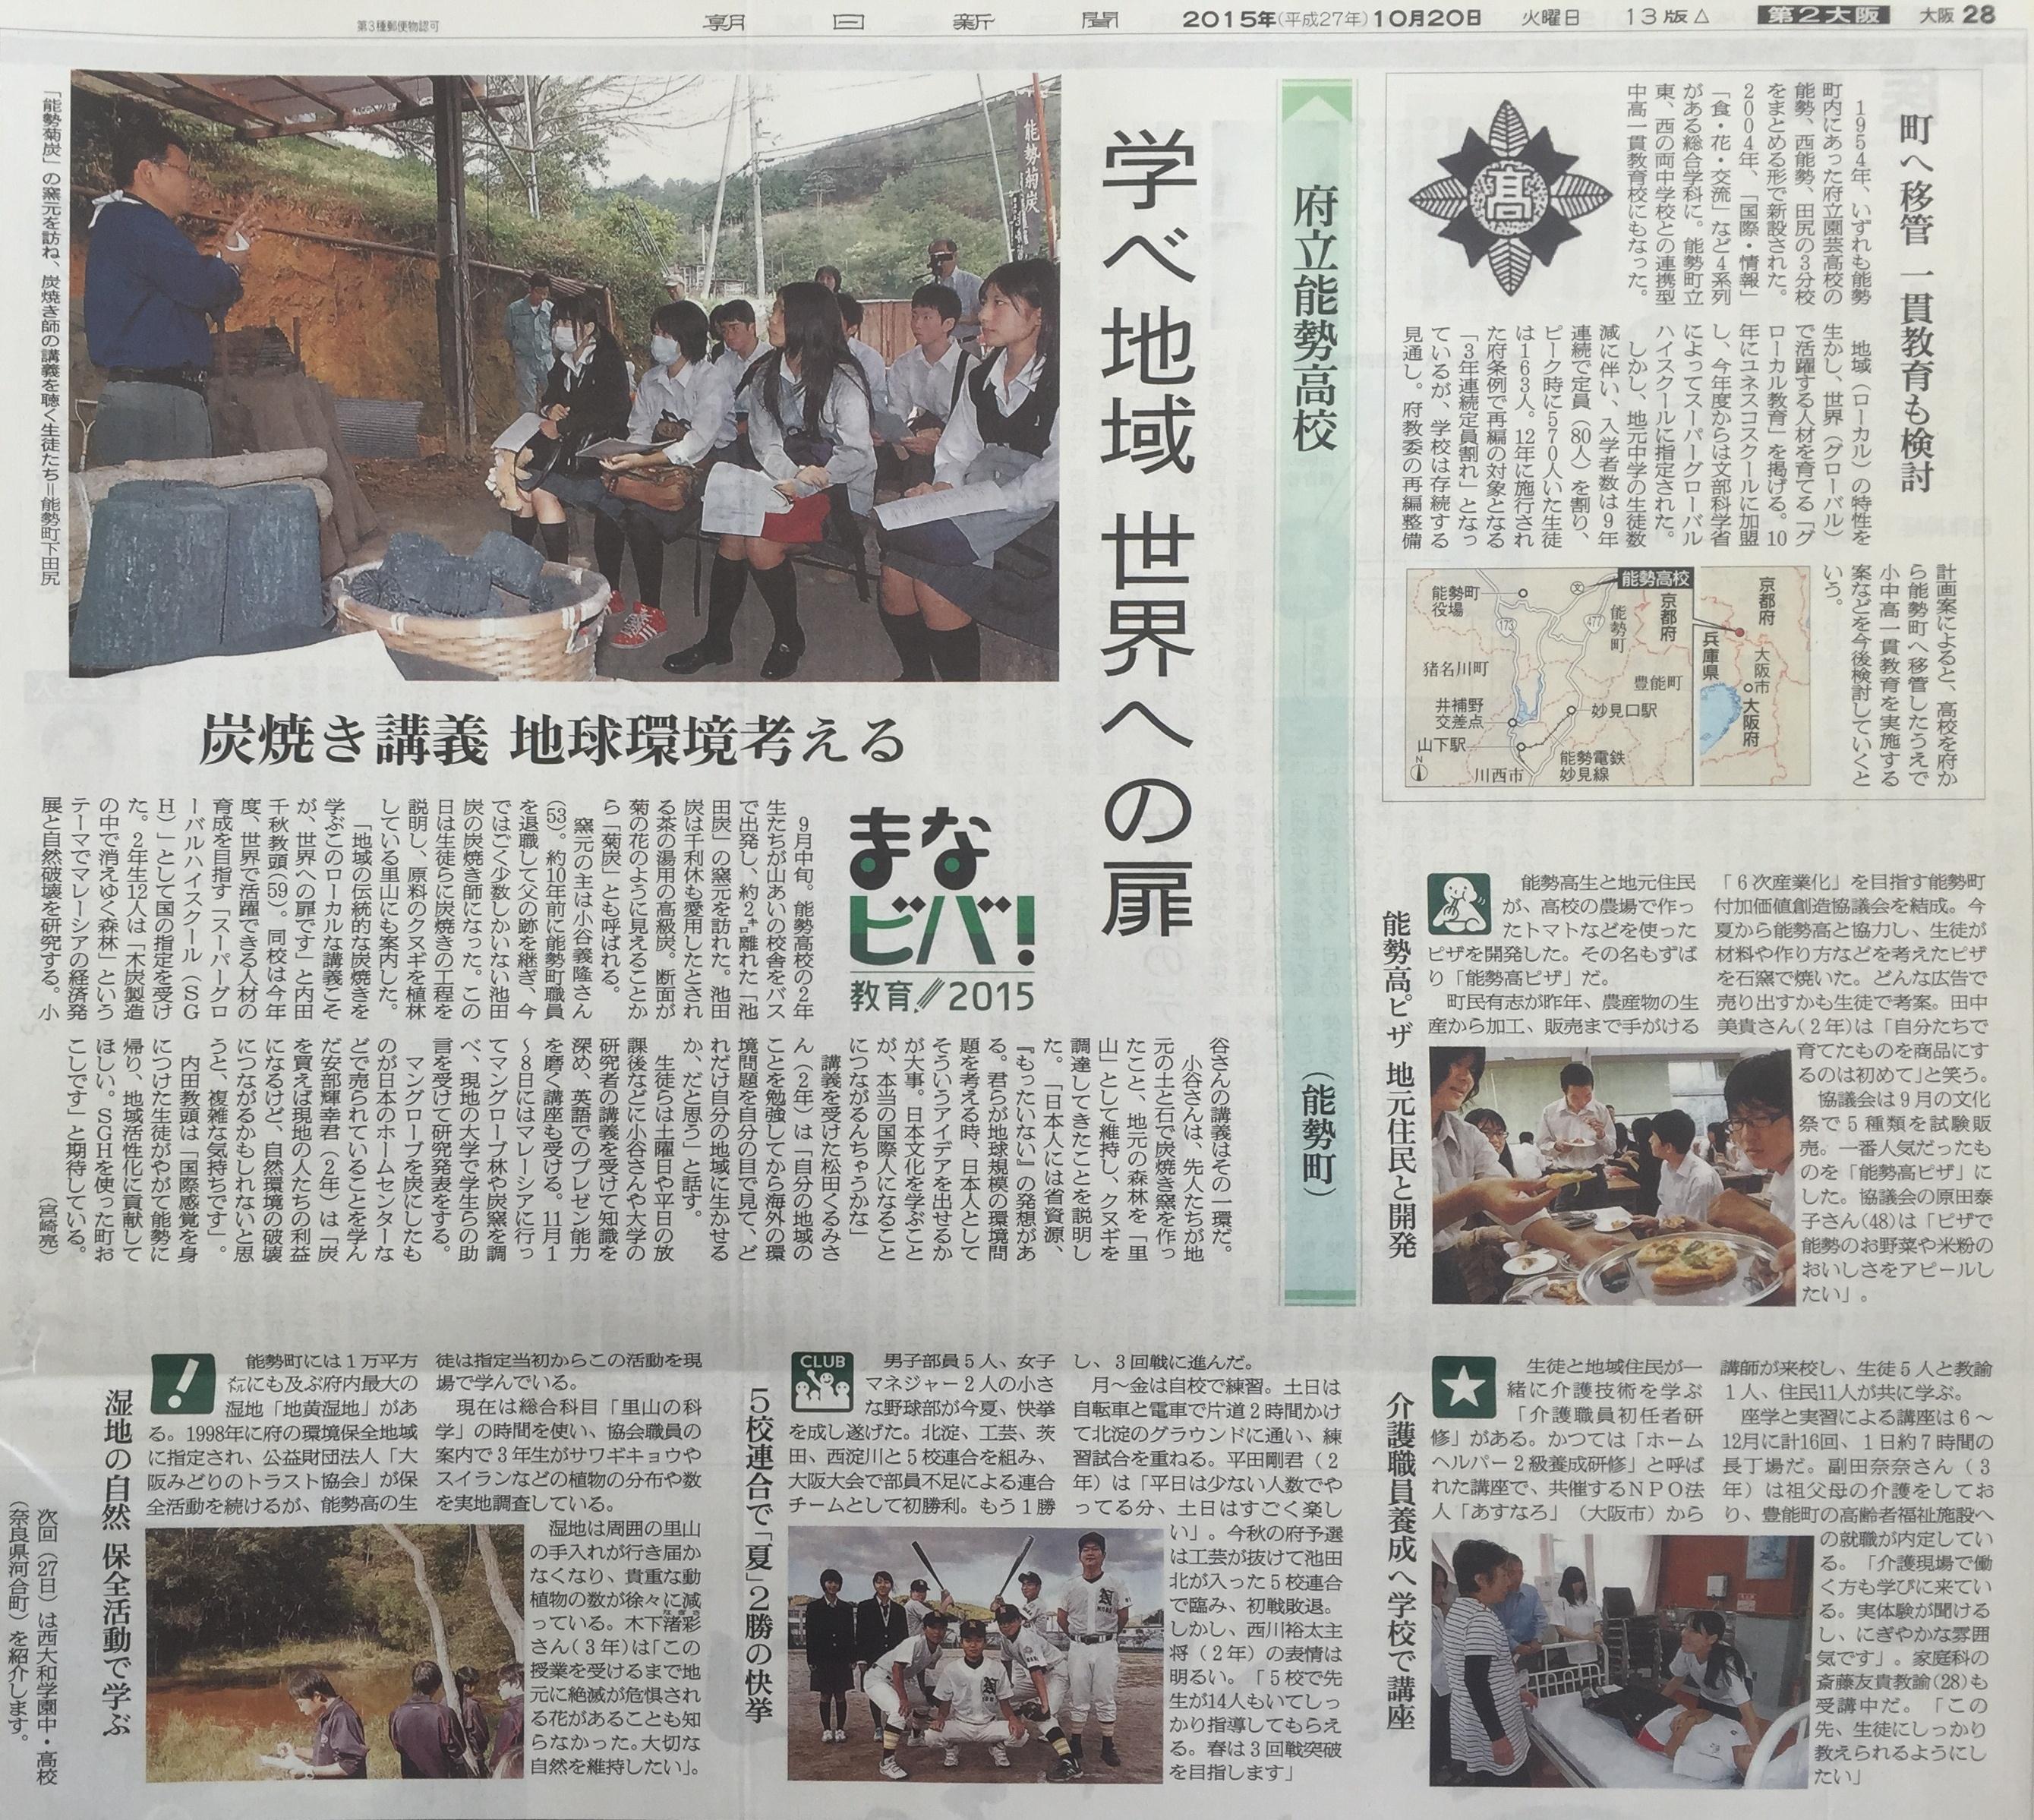 10月20日(火)朝日新聞の朝刊「...